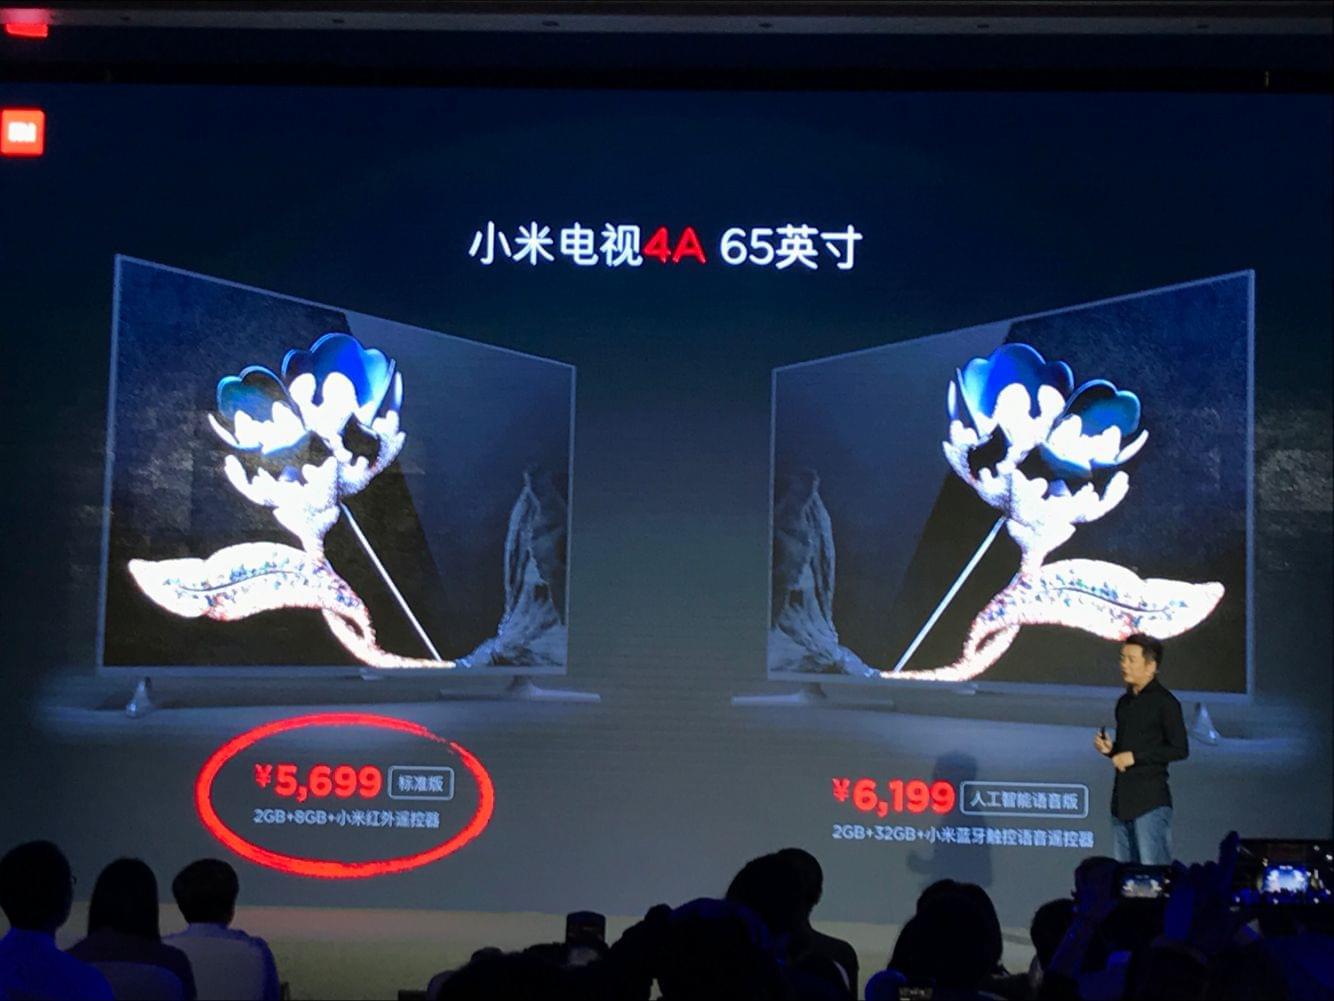 价格屠夫再临:小米电视4A正式发布 最低2099元起的照片 - 14